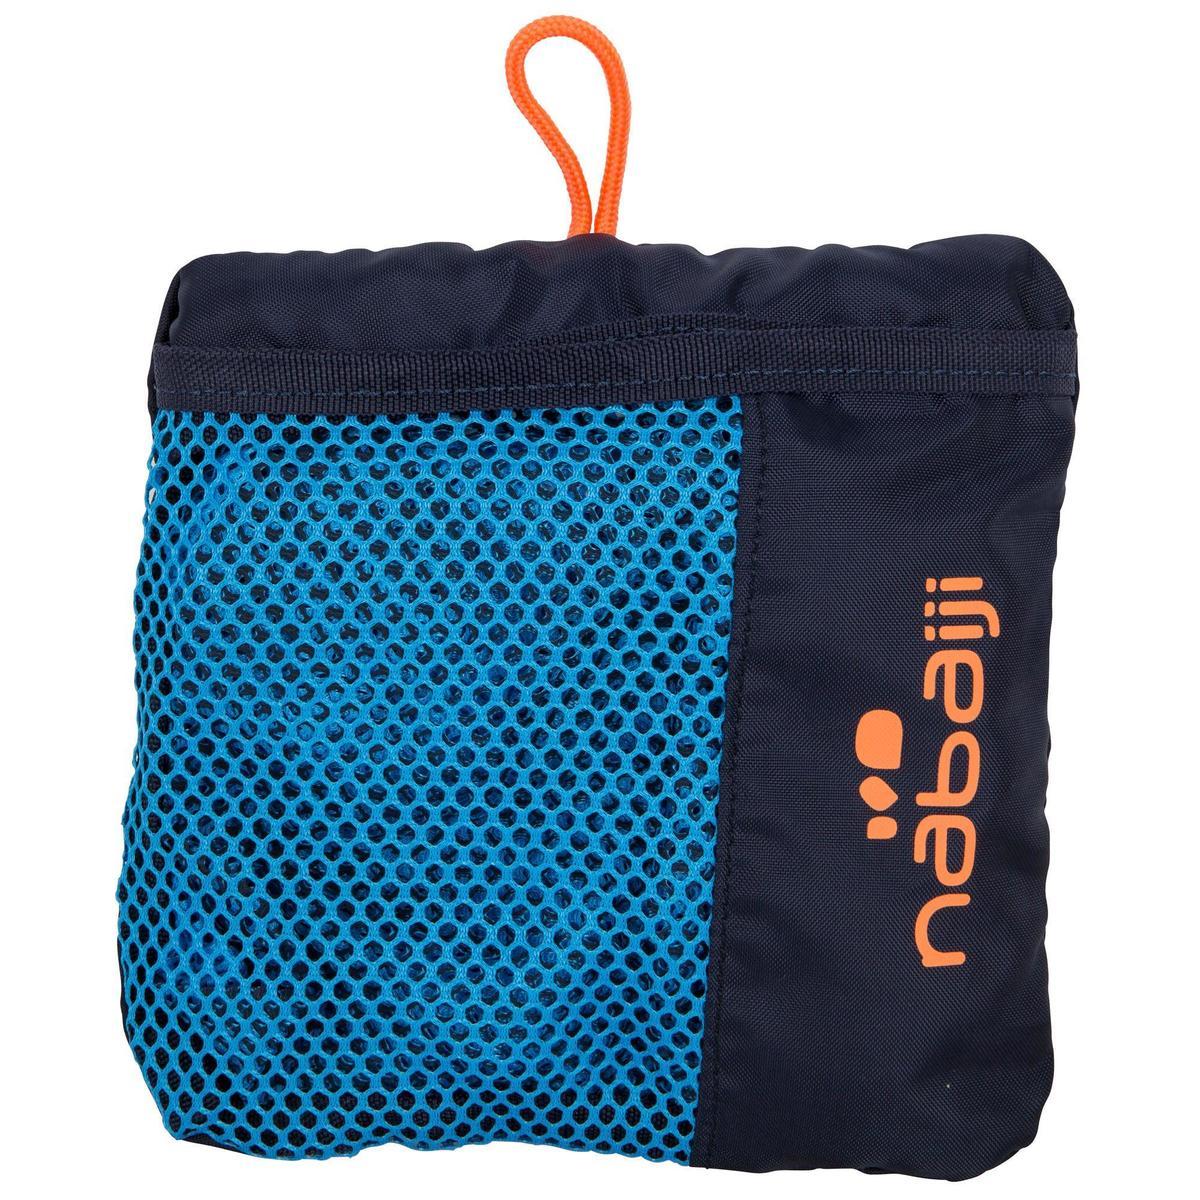 Bild 4 von Schwimmbeutel blau/orange